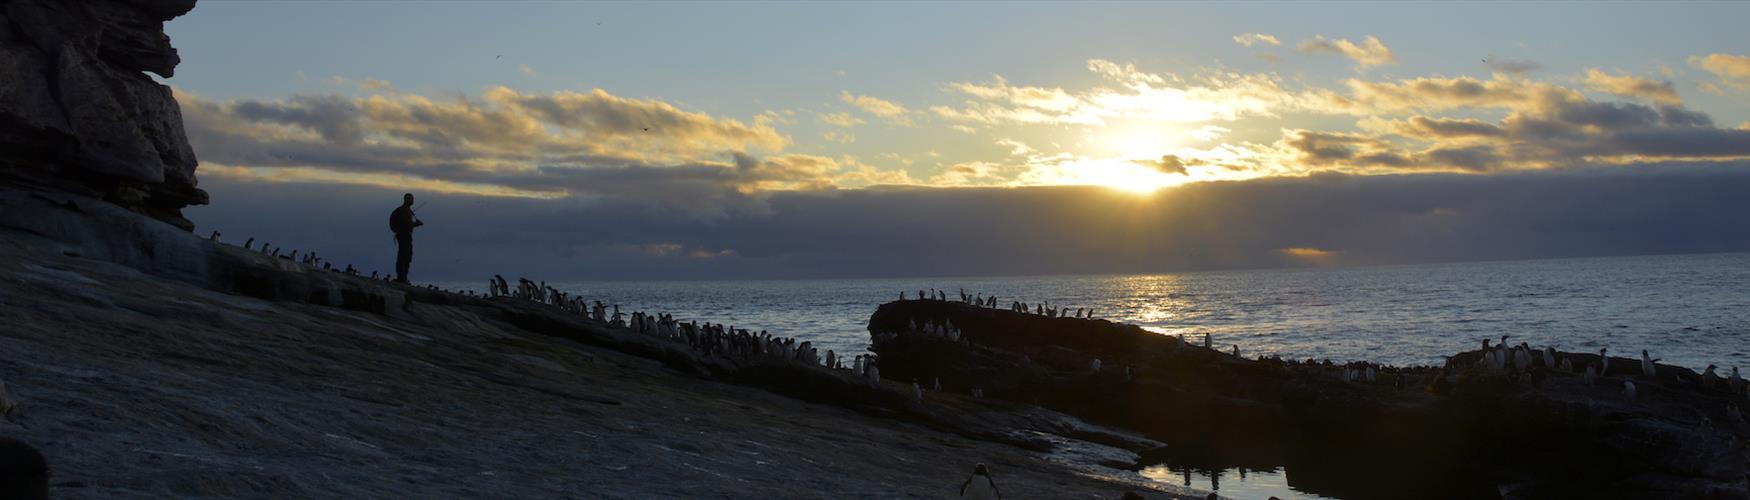 Rockhoppers enjoying the sunset on the Falkland Islands